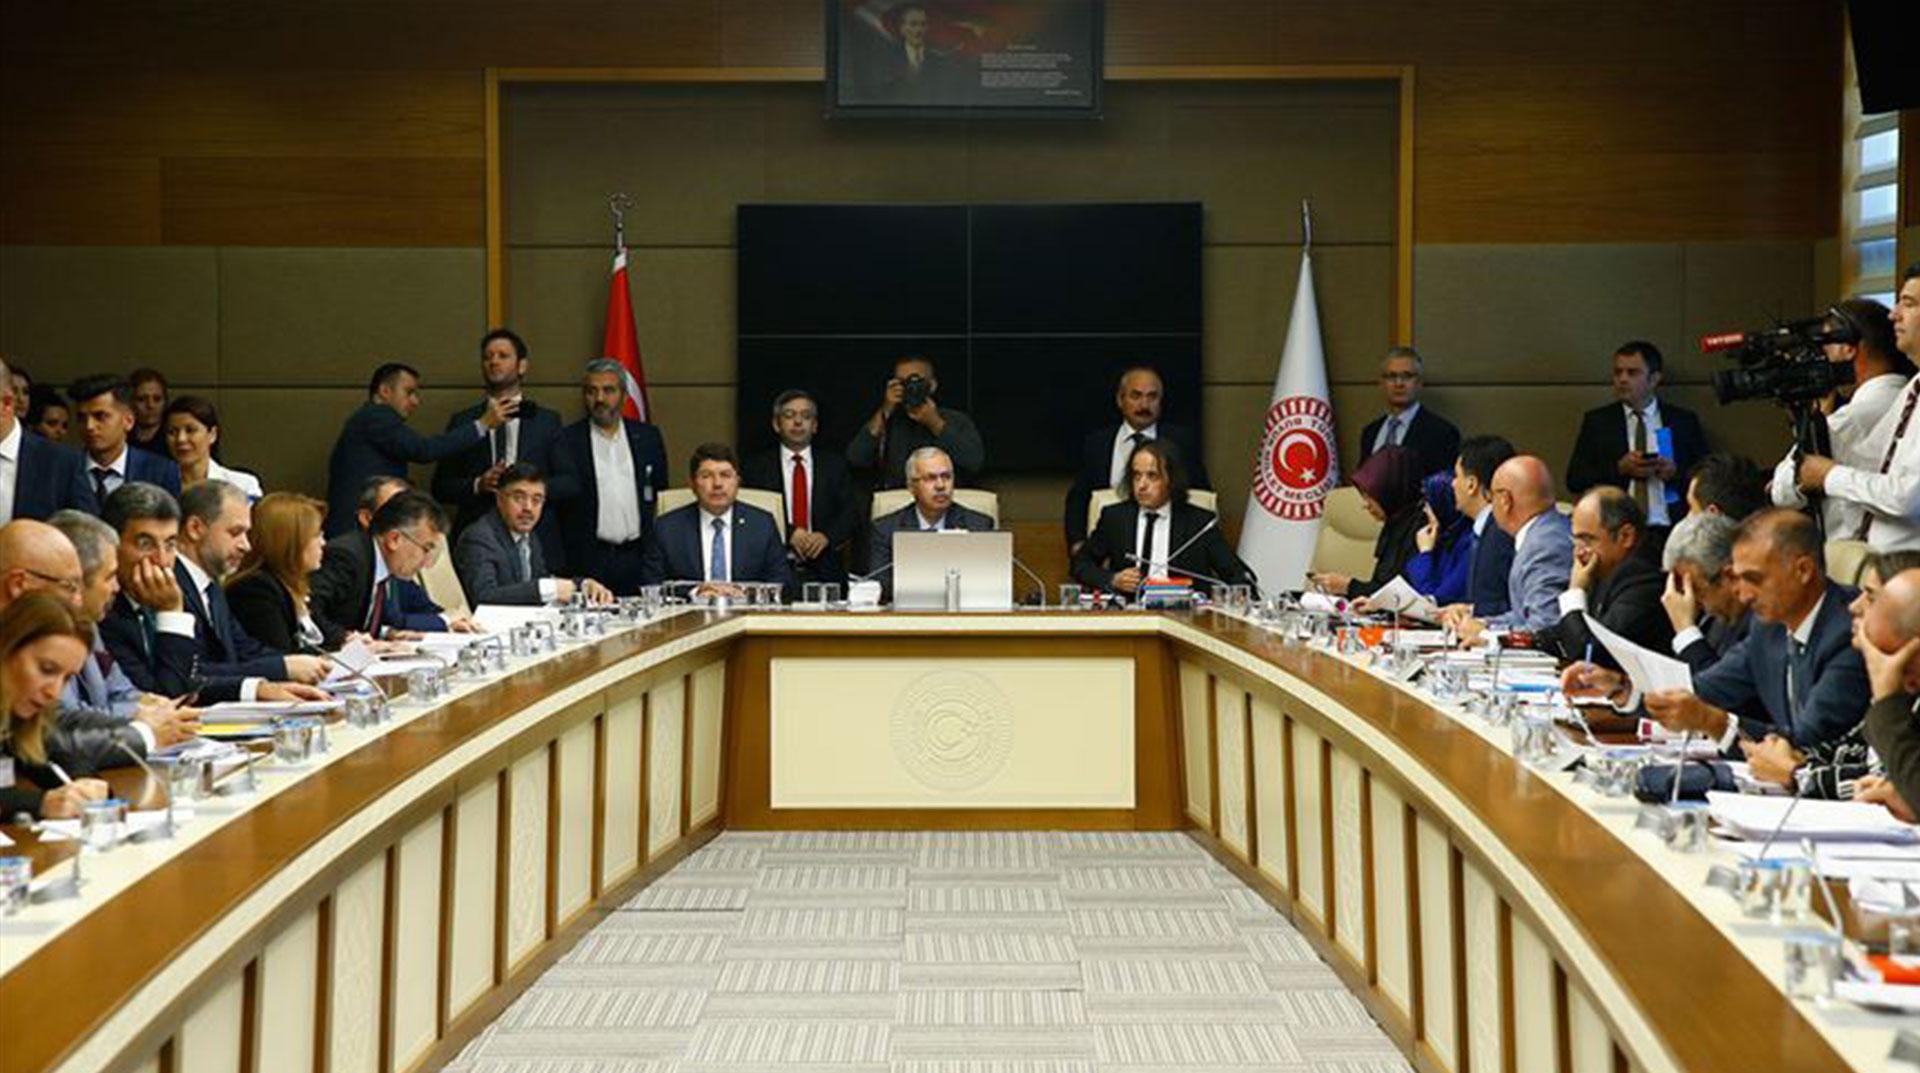 Beklenen Reformda Yeni Gelişme! Strateji Belgesi Kabul Edildi